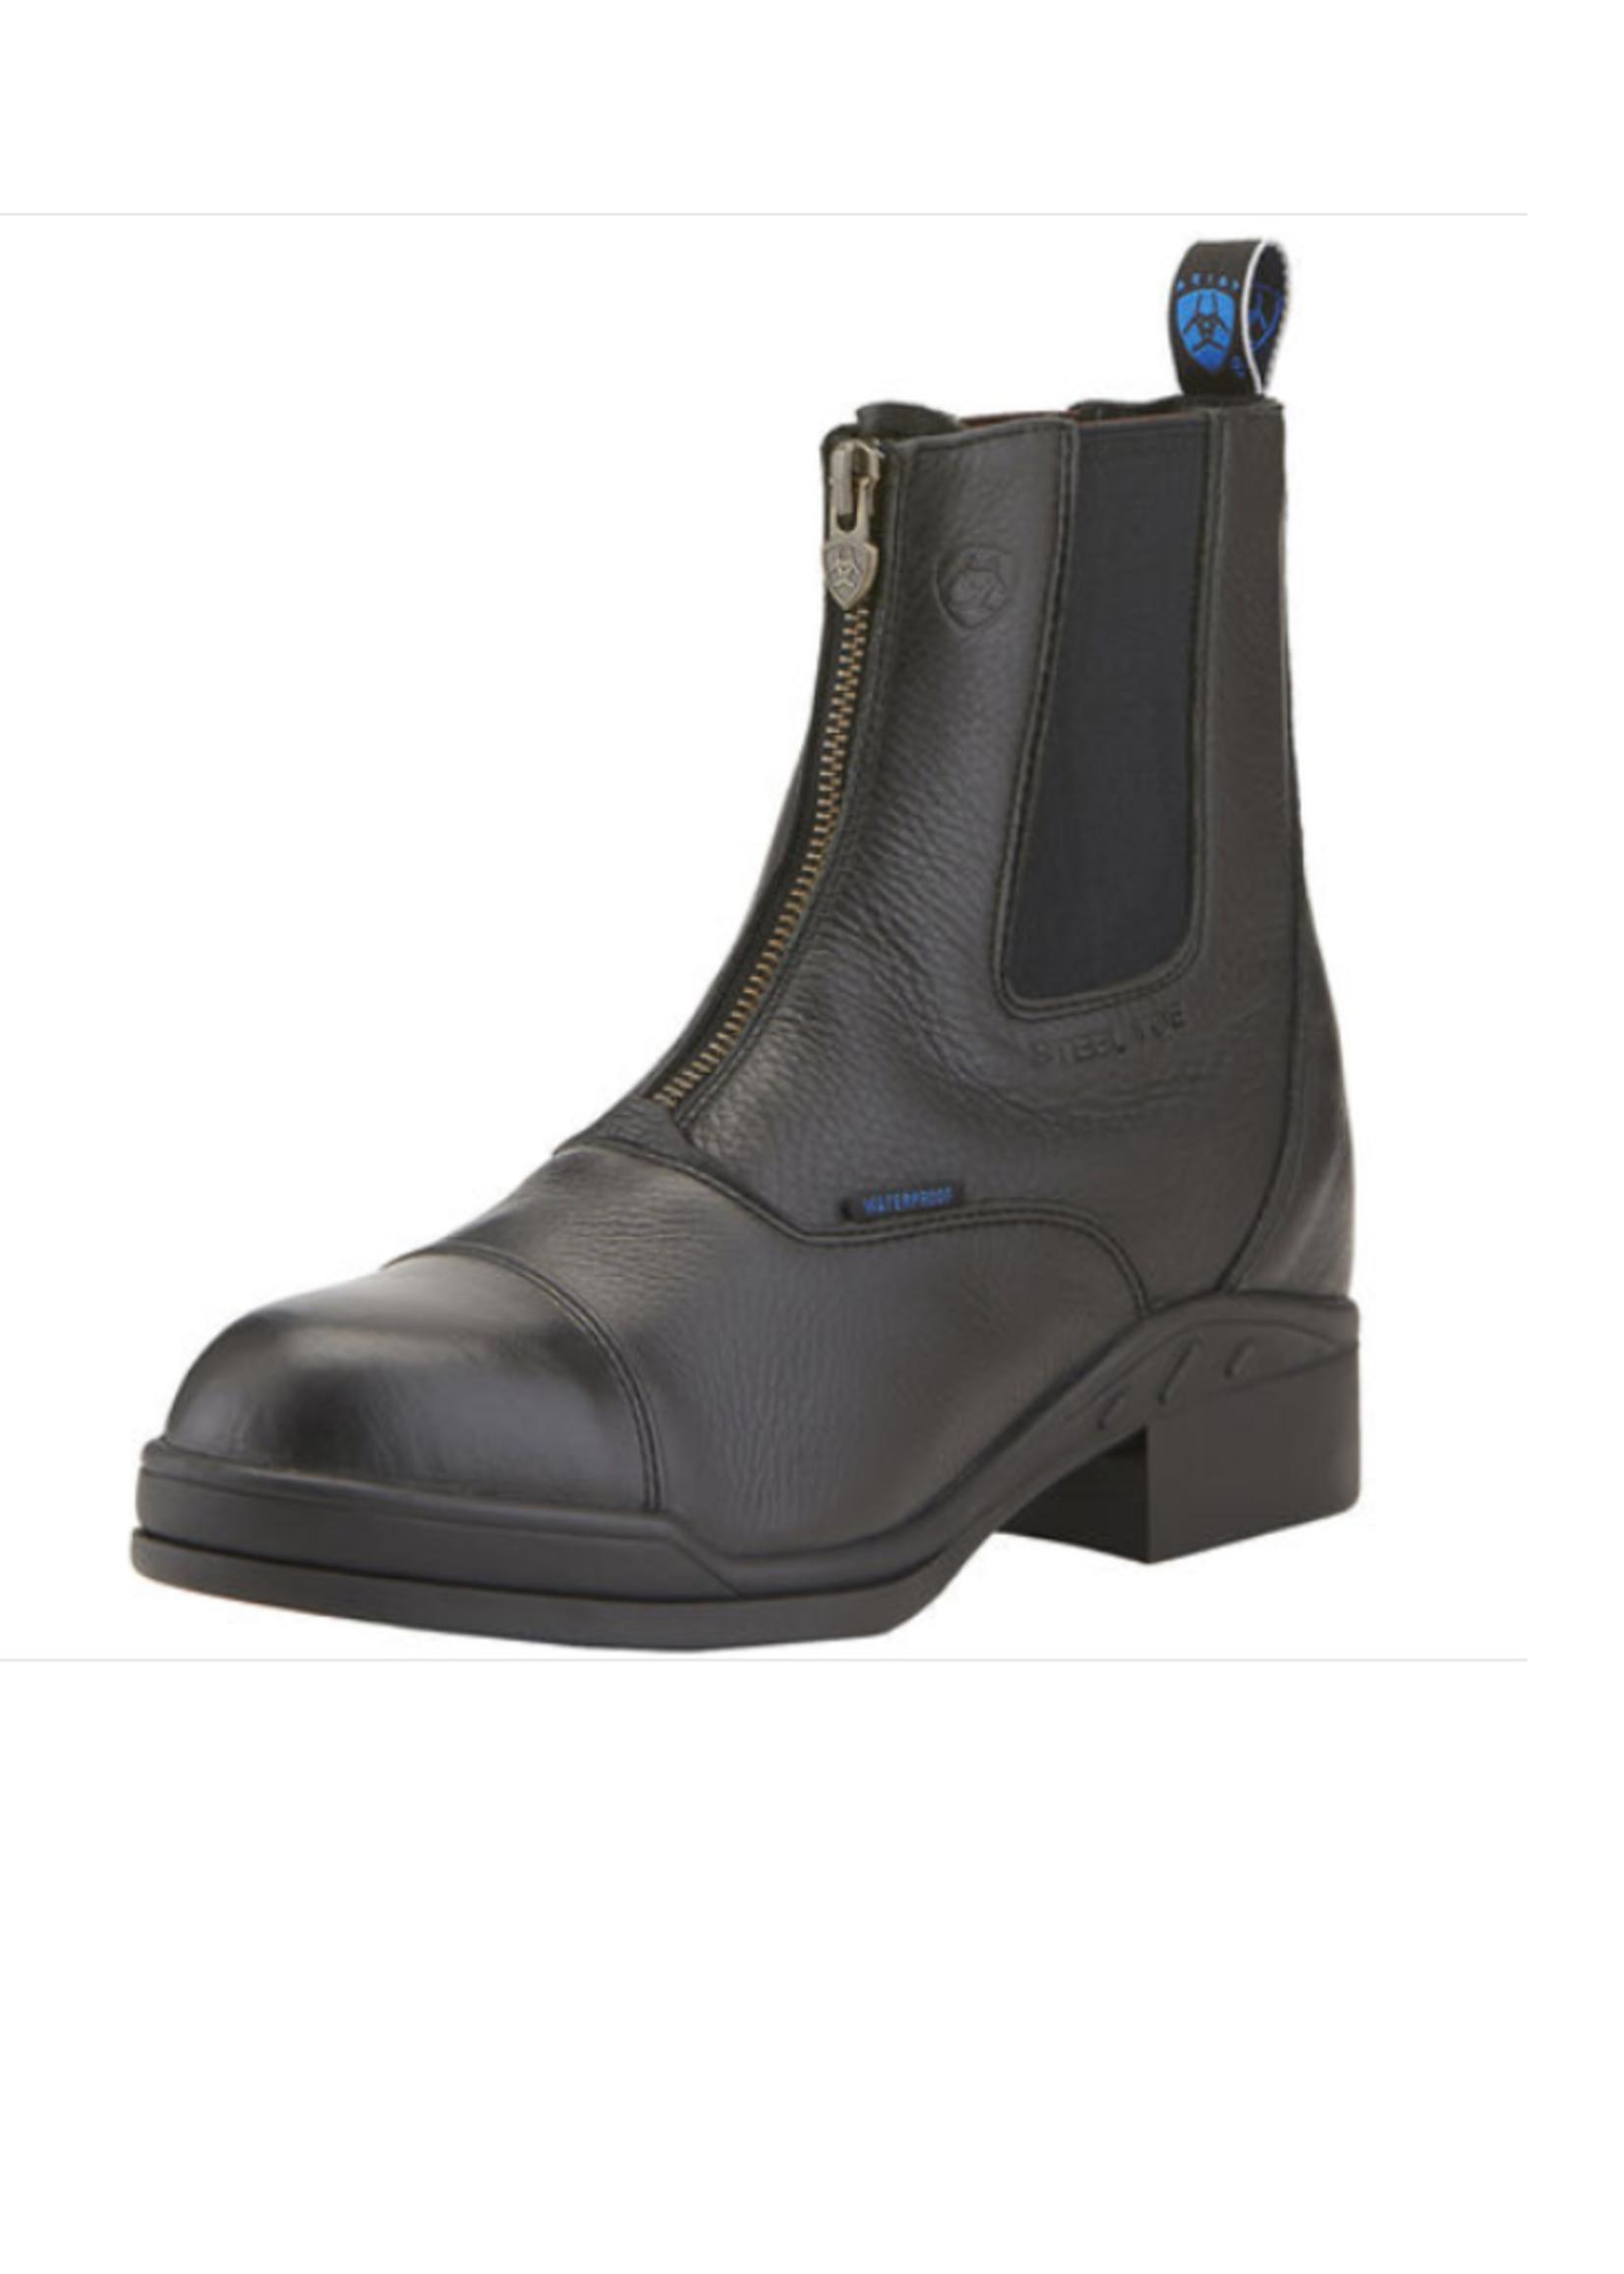 Ariat Ariat Heritage Zip Paddock Steel Toe Women Schoenen